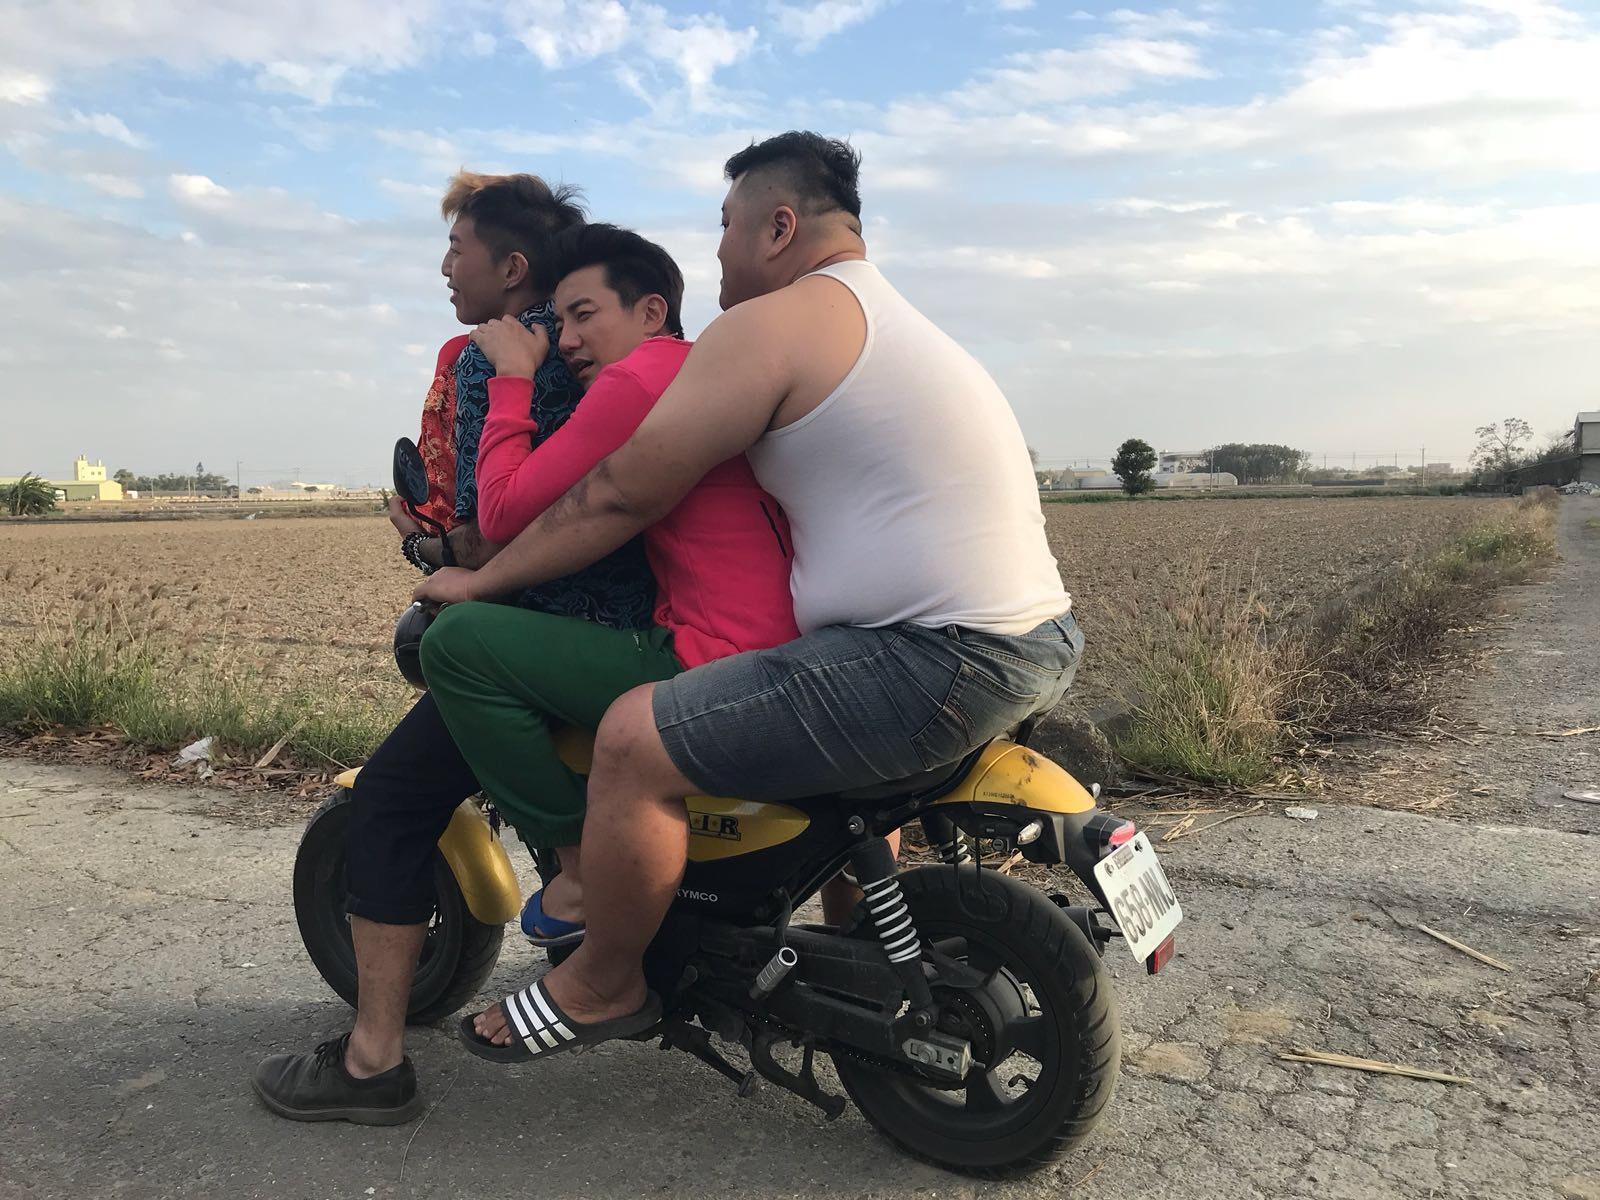 洪永城表示劇中受盡凌辱,連坐電單車都被迫夾「三文治」。